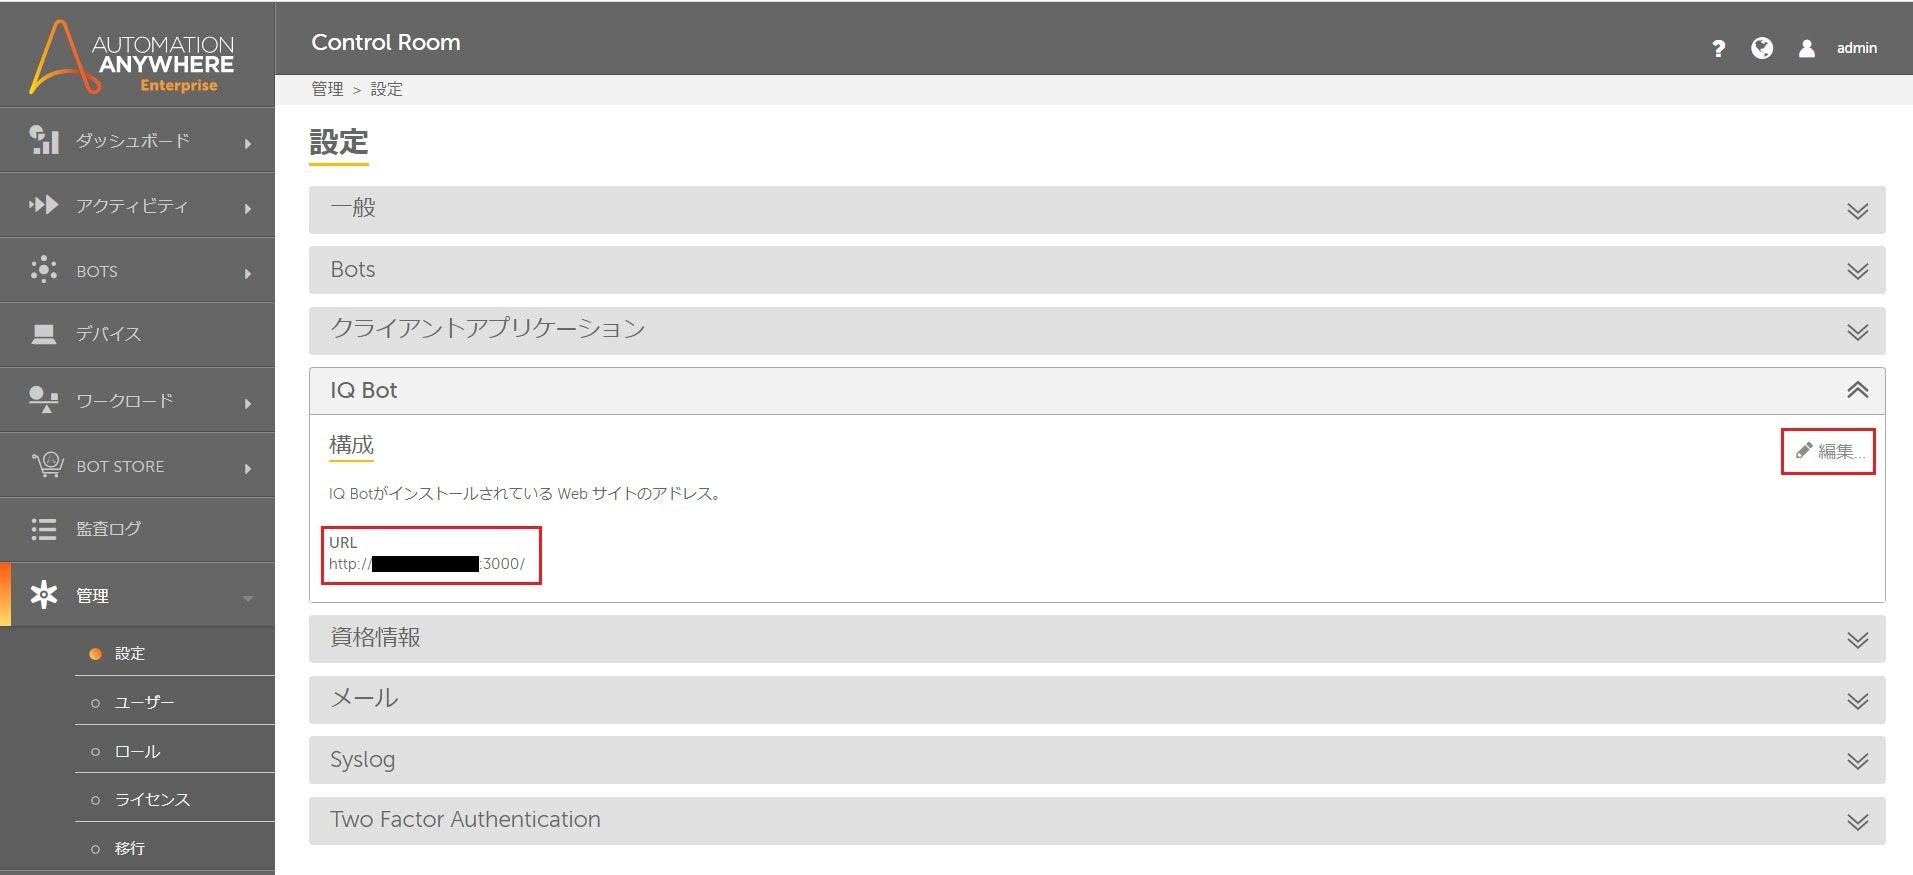 CRの登録画面.jpg